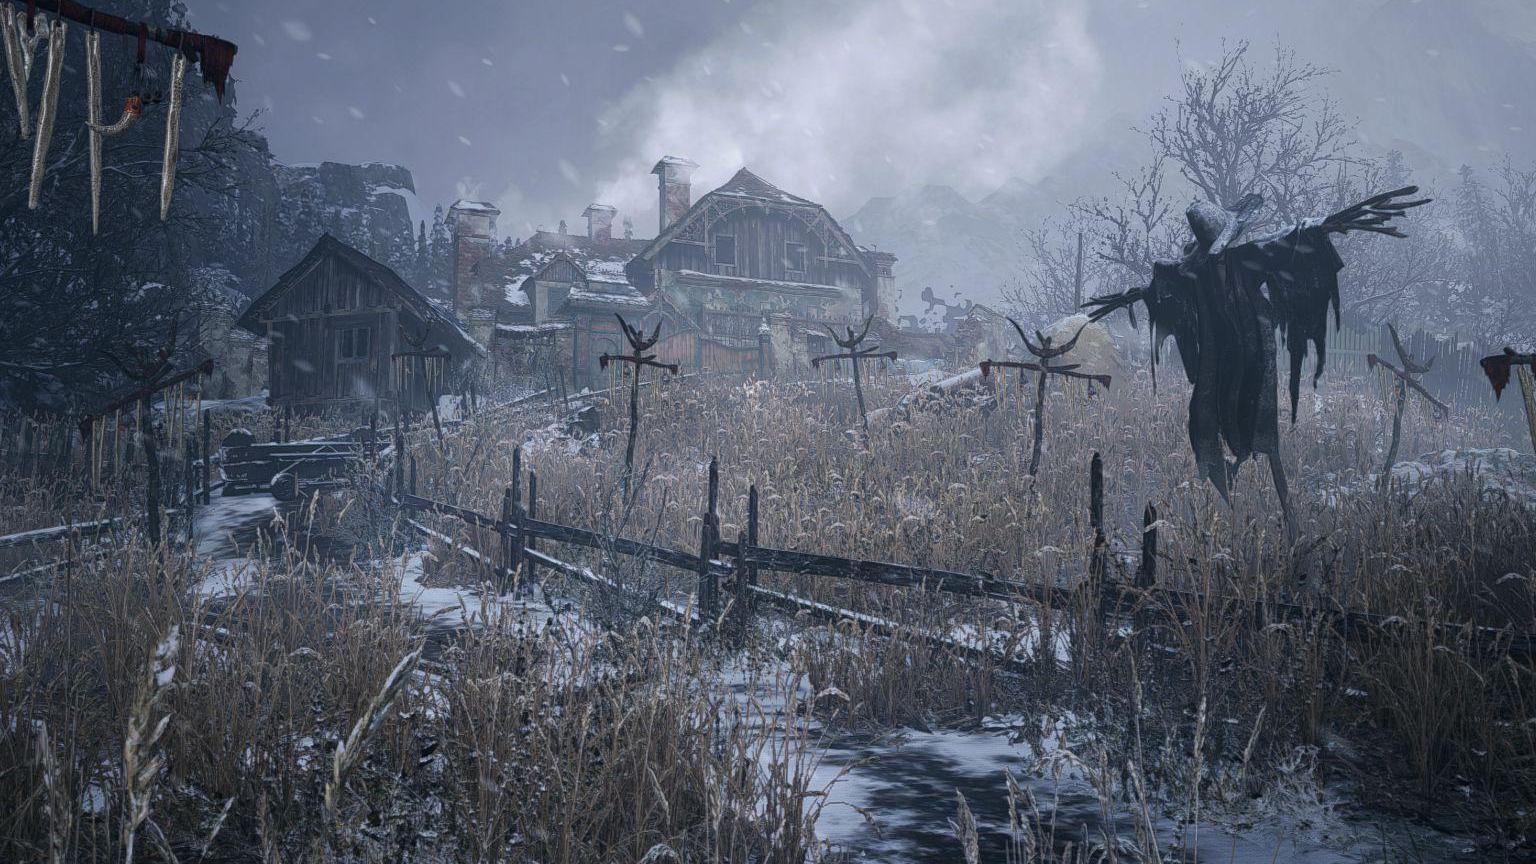 Инсайдер: Resident Evil Village выйдет на текущем поколении консолей – Xbox One и Playstation 4